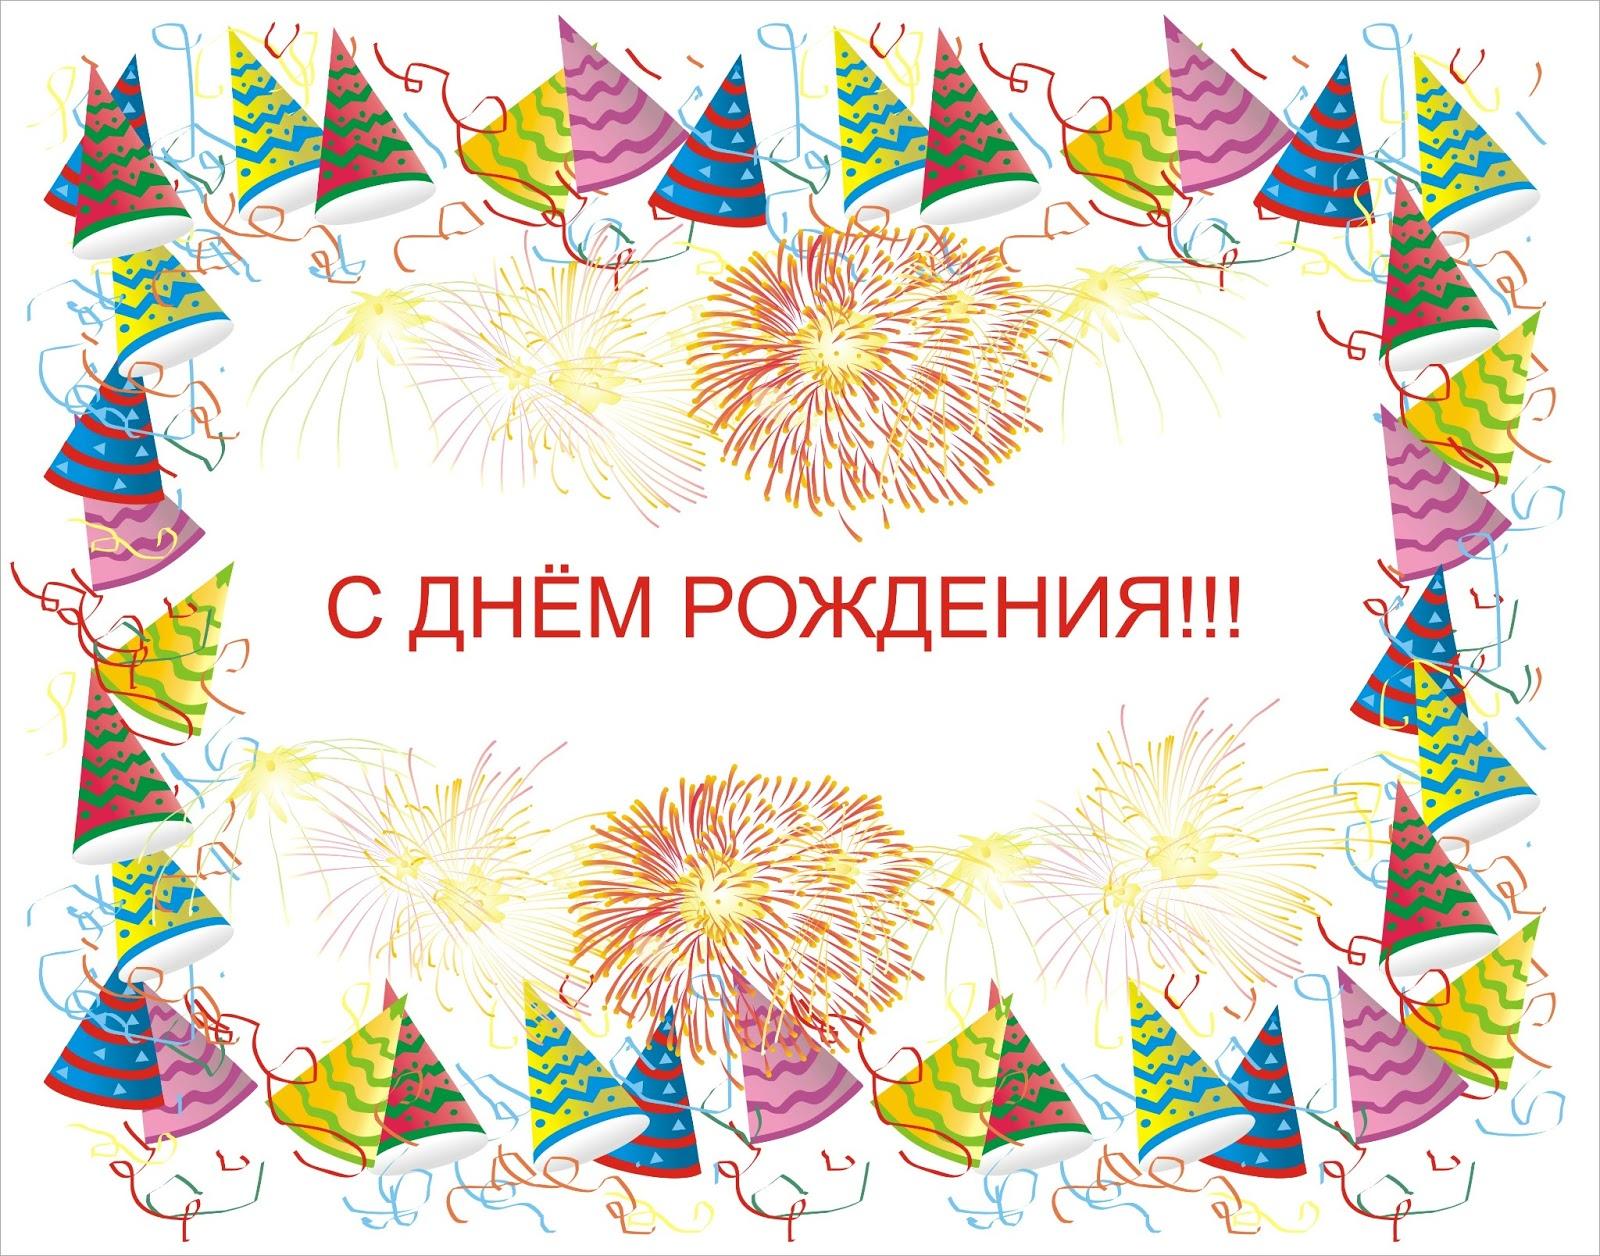 Открытка с днем рождения 2013 года